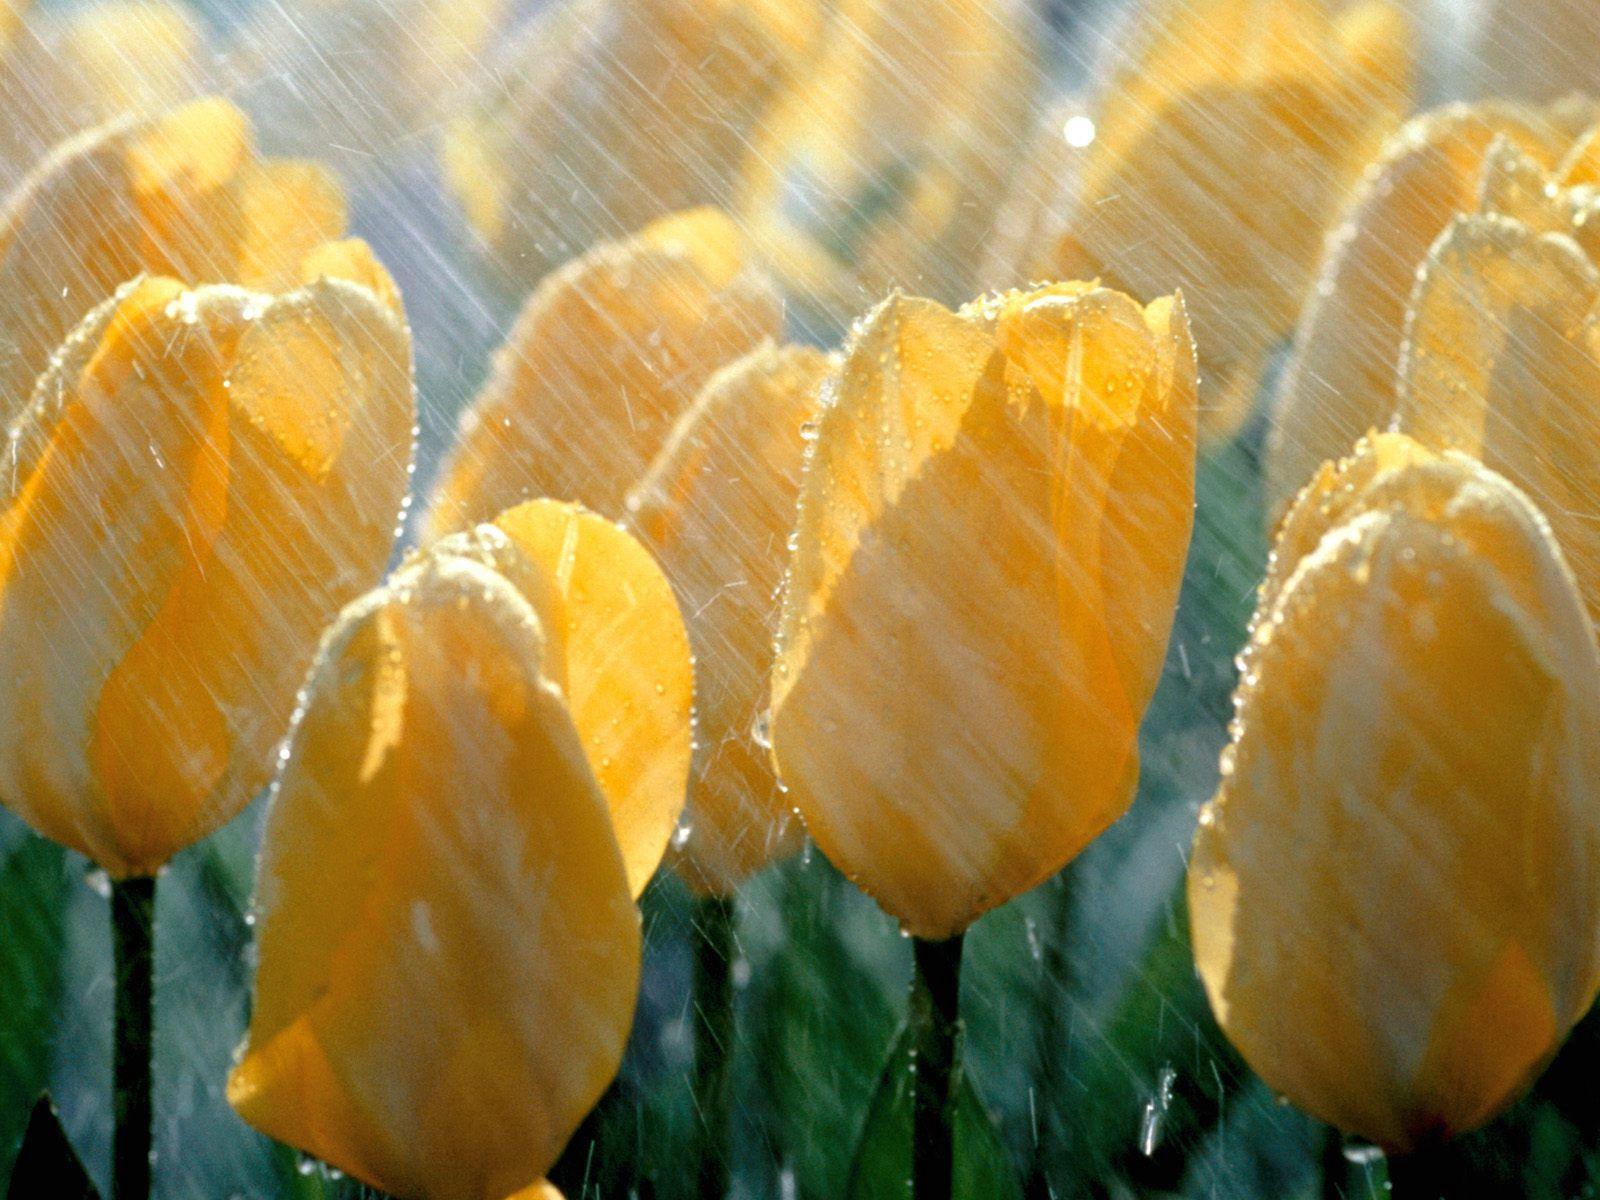 106016 скачать Желтые обои на телефон бесплатно, Цветы, Дождь, Тюльпаны, Капли, Свежесть Желтые картинки и заставки на мобильный